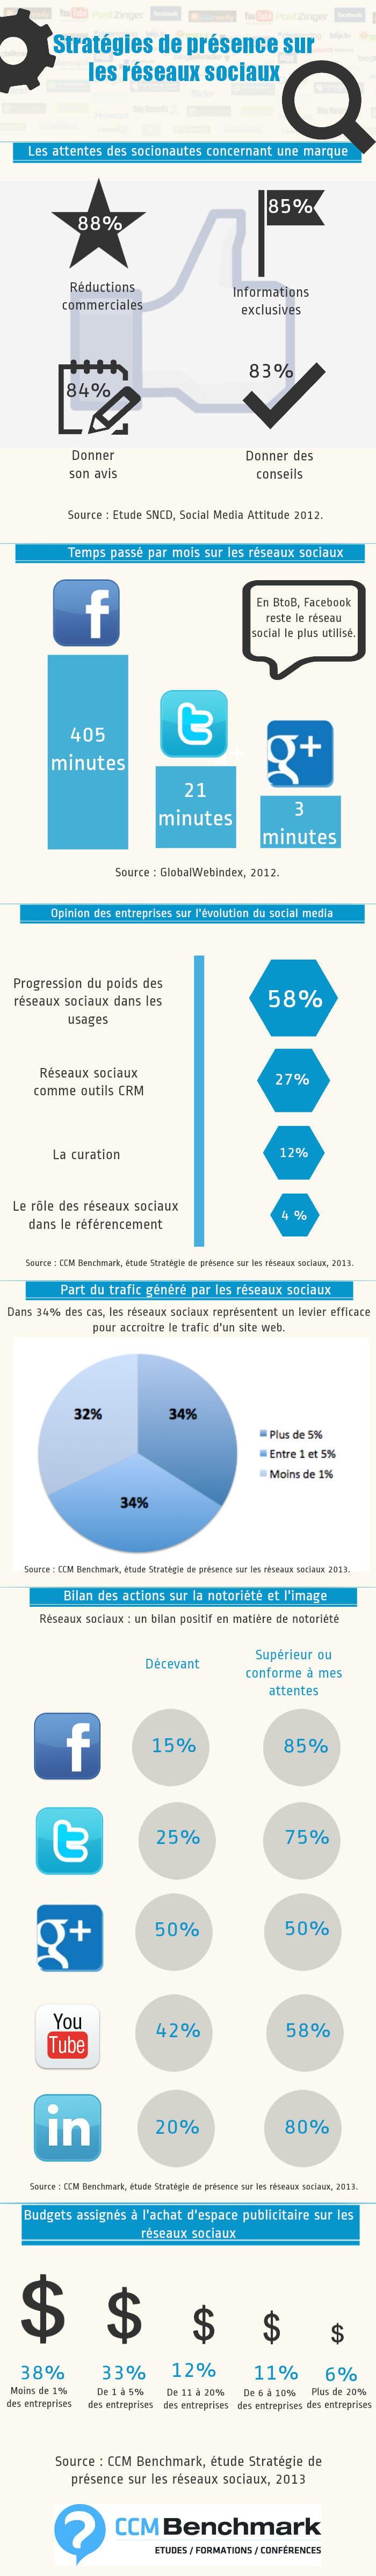 Infographie : stratégies de présence sur les réseaux sociaux